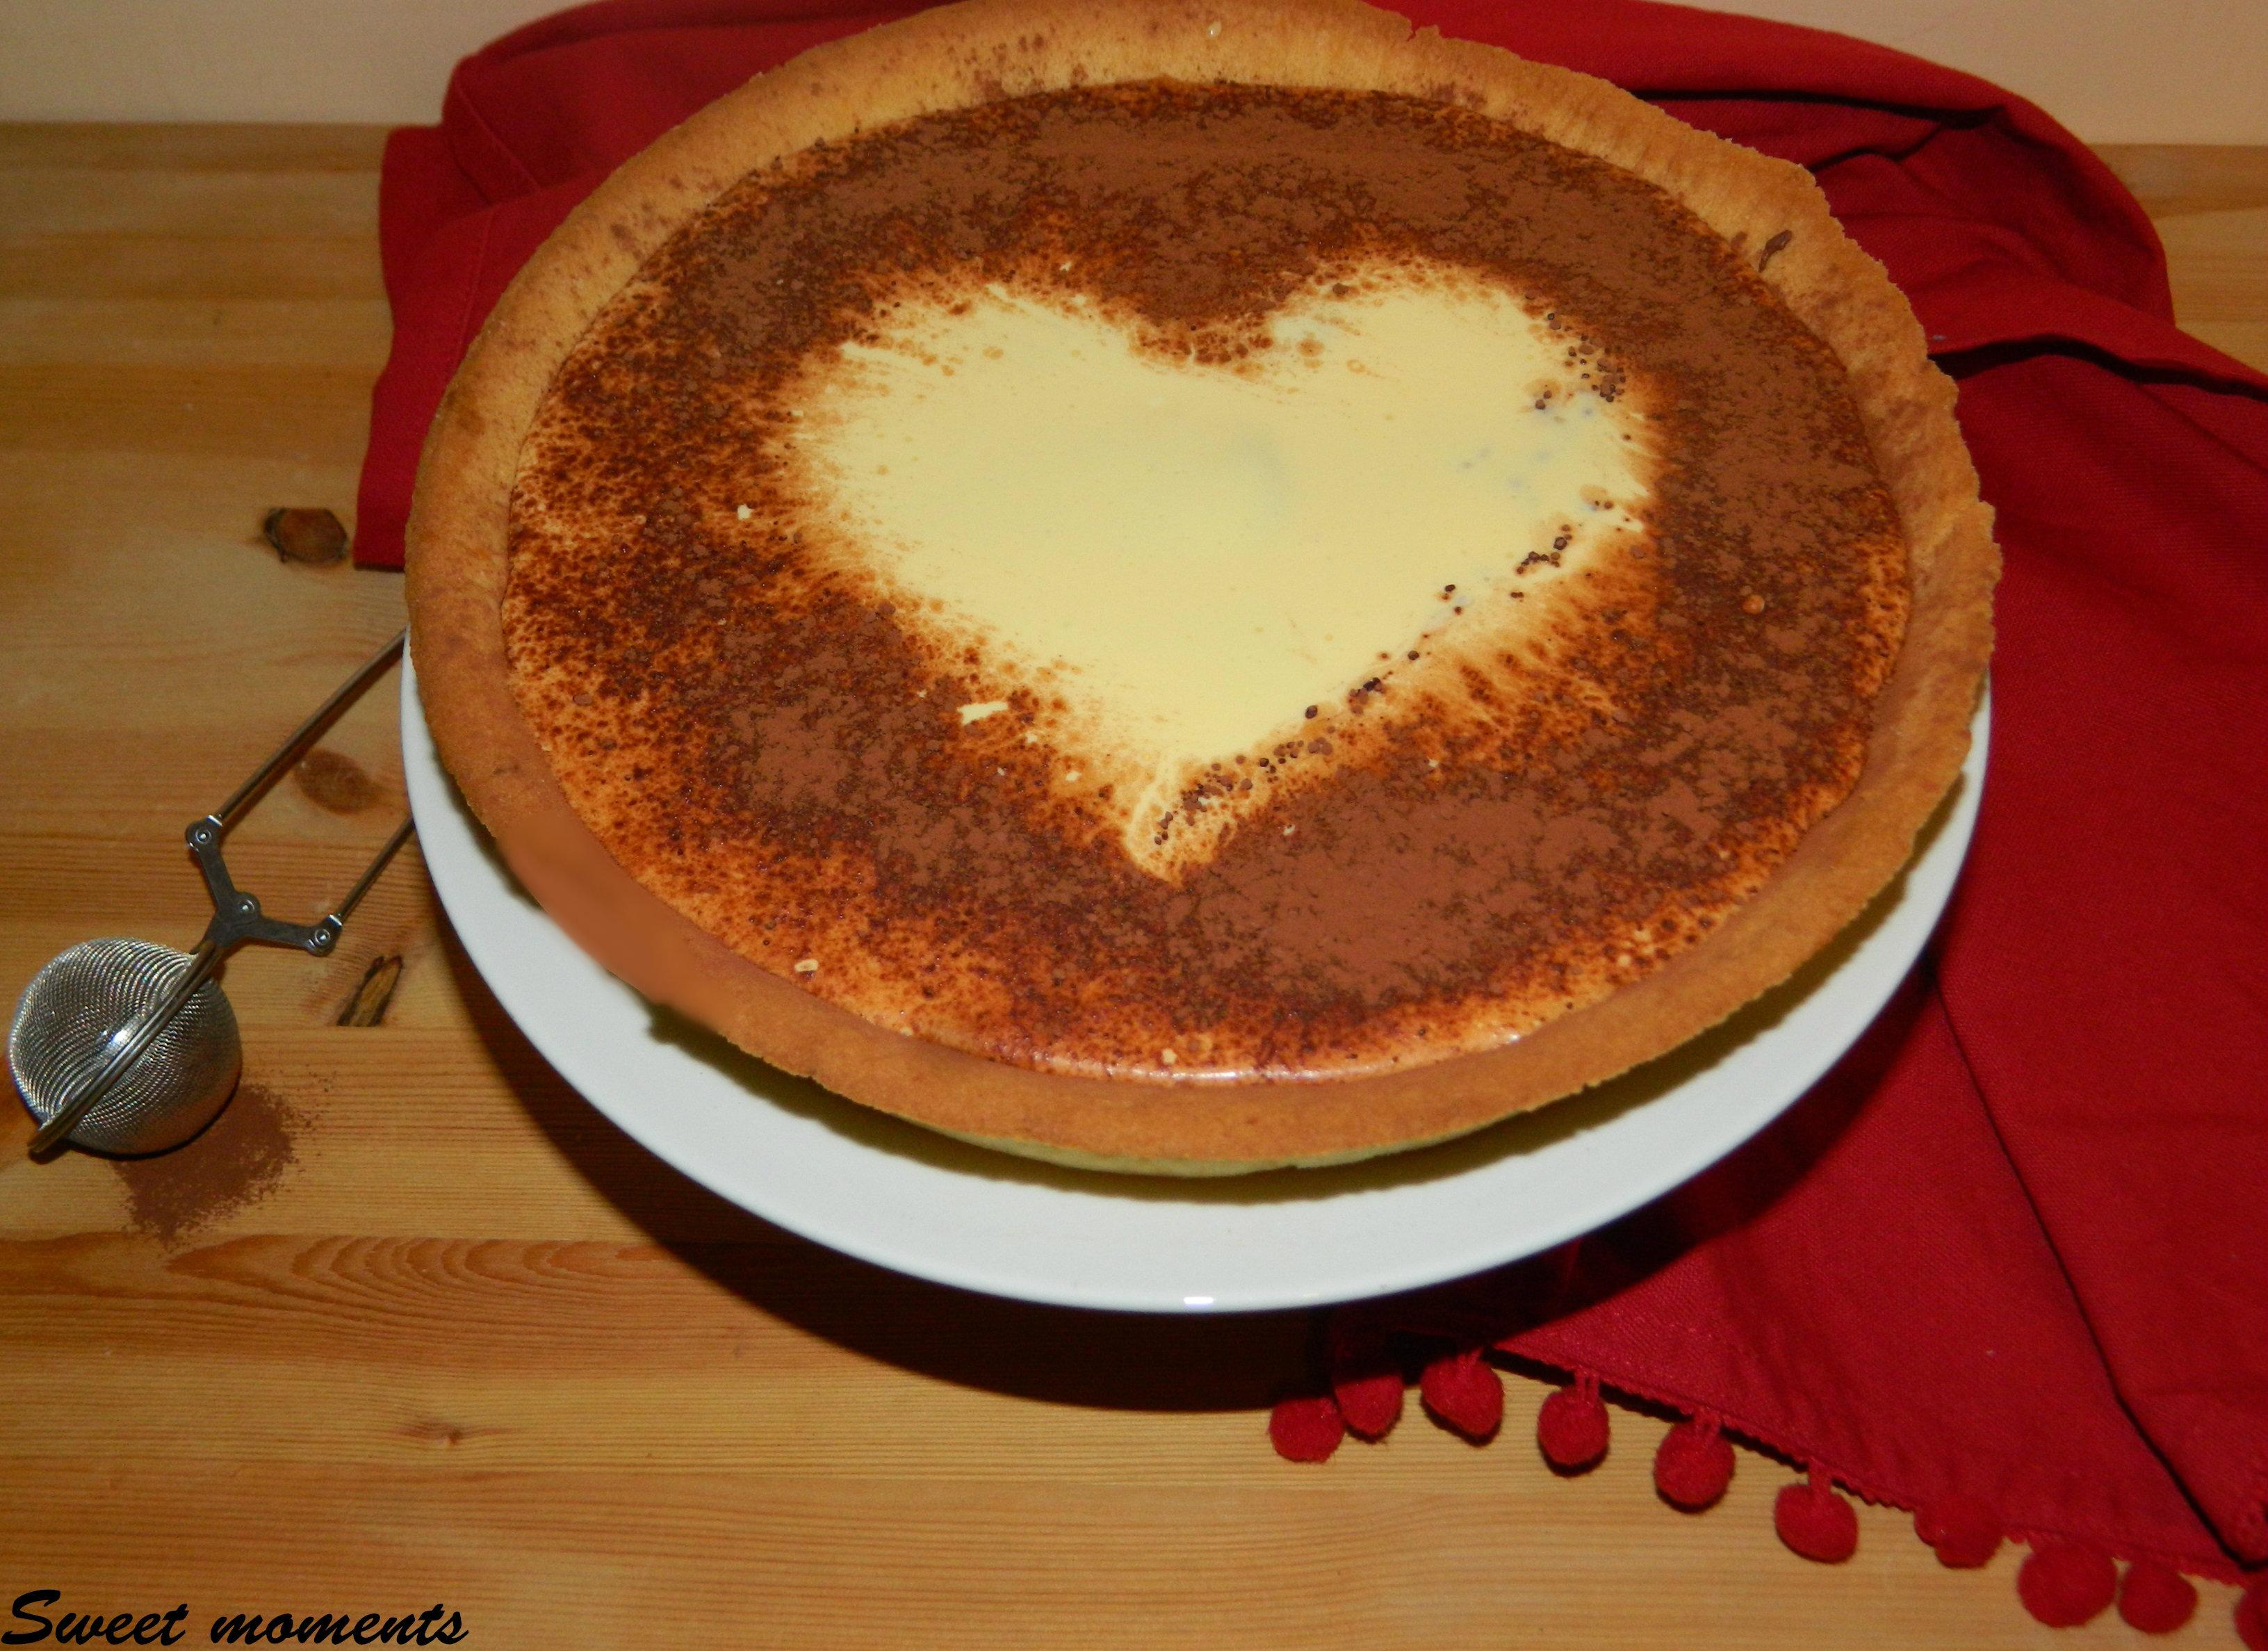 Crostata tiramis con haiti caff sweet moments ricette - Diversi tipi di caffe ...